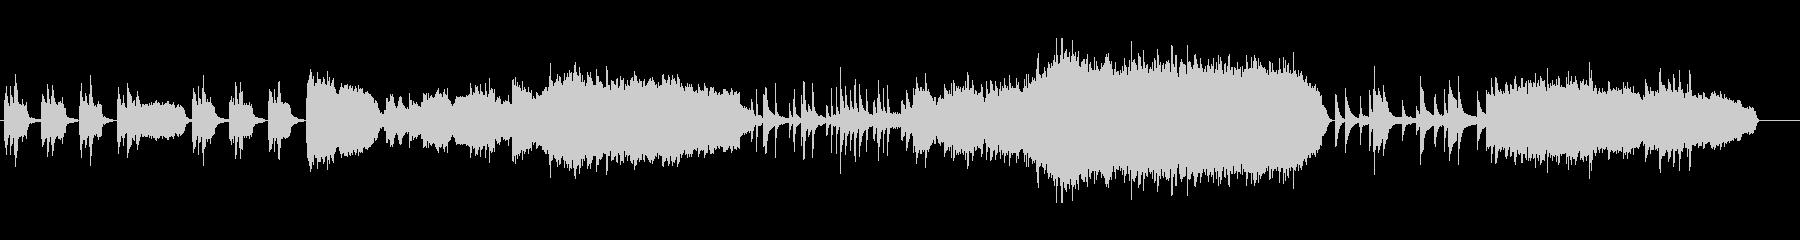 ピアノ&ストリングス 王道の感動曲の未再生の波形